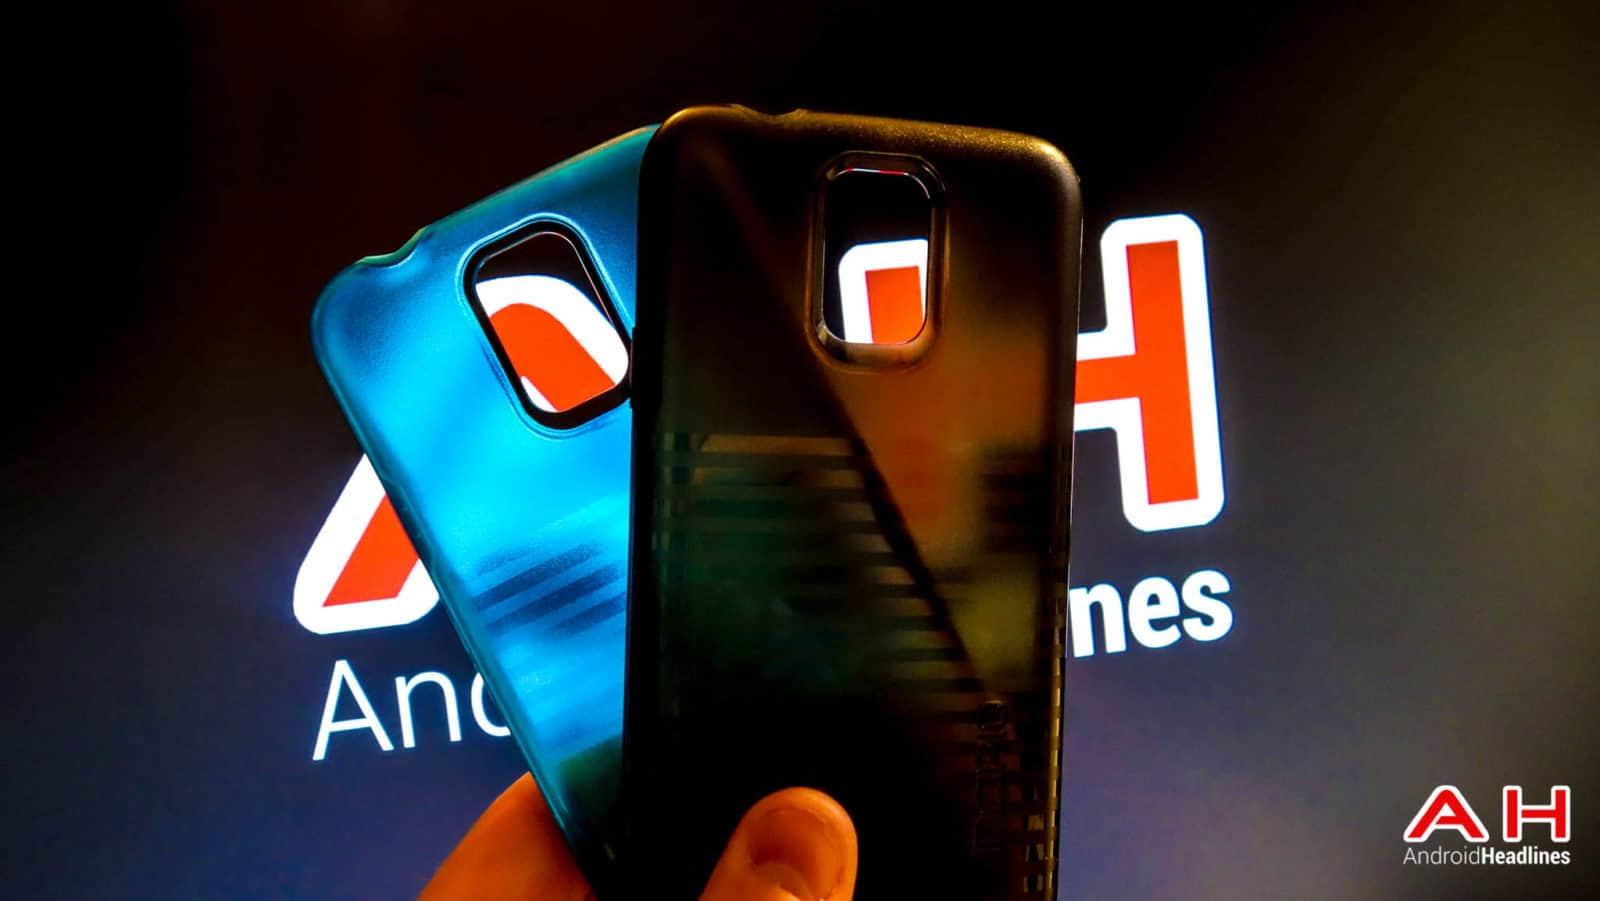 Samsung-Galaxy-S5-Incipio-Rival-Review-AH-1